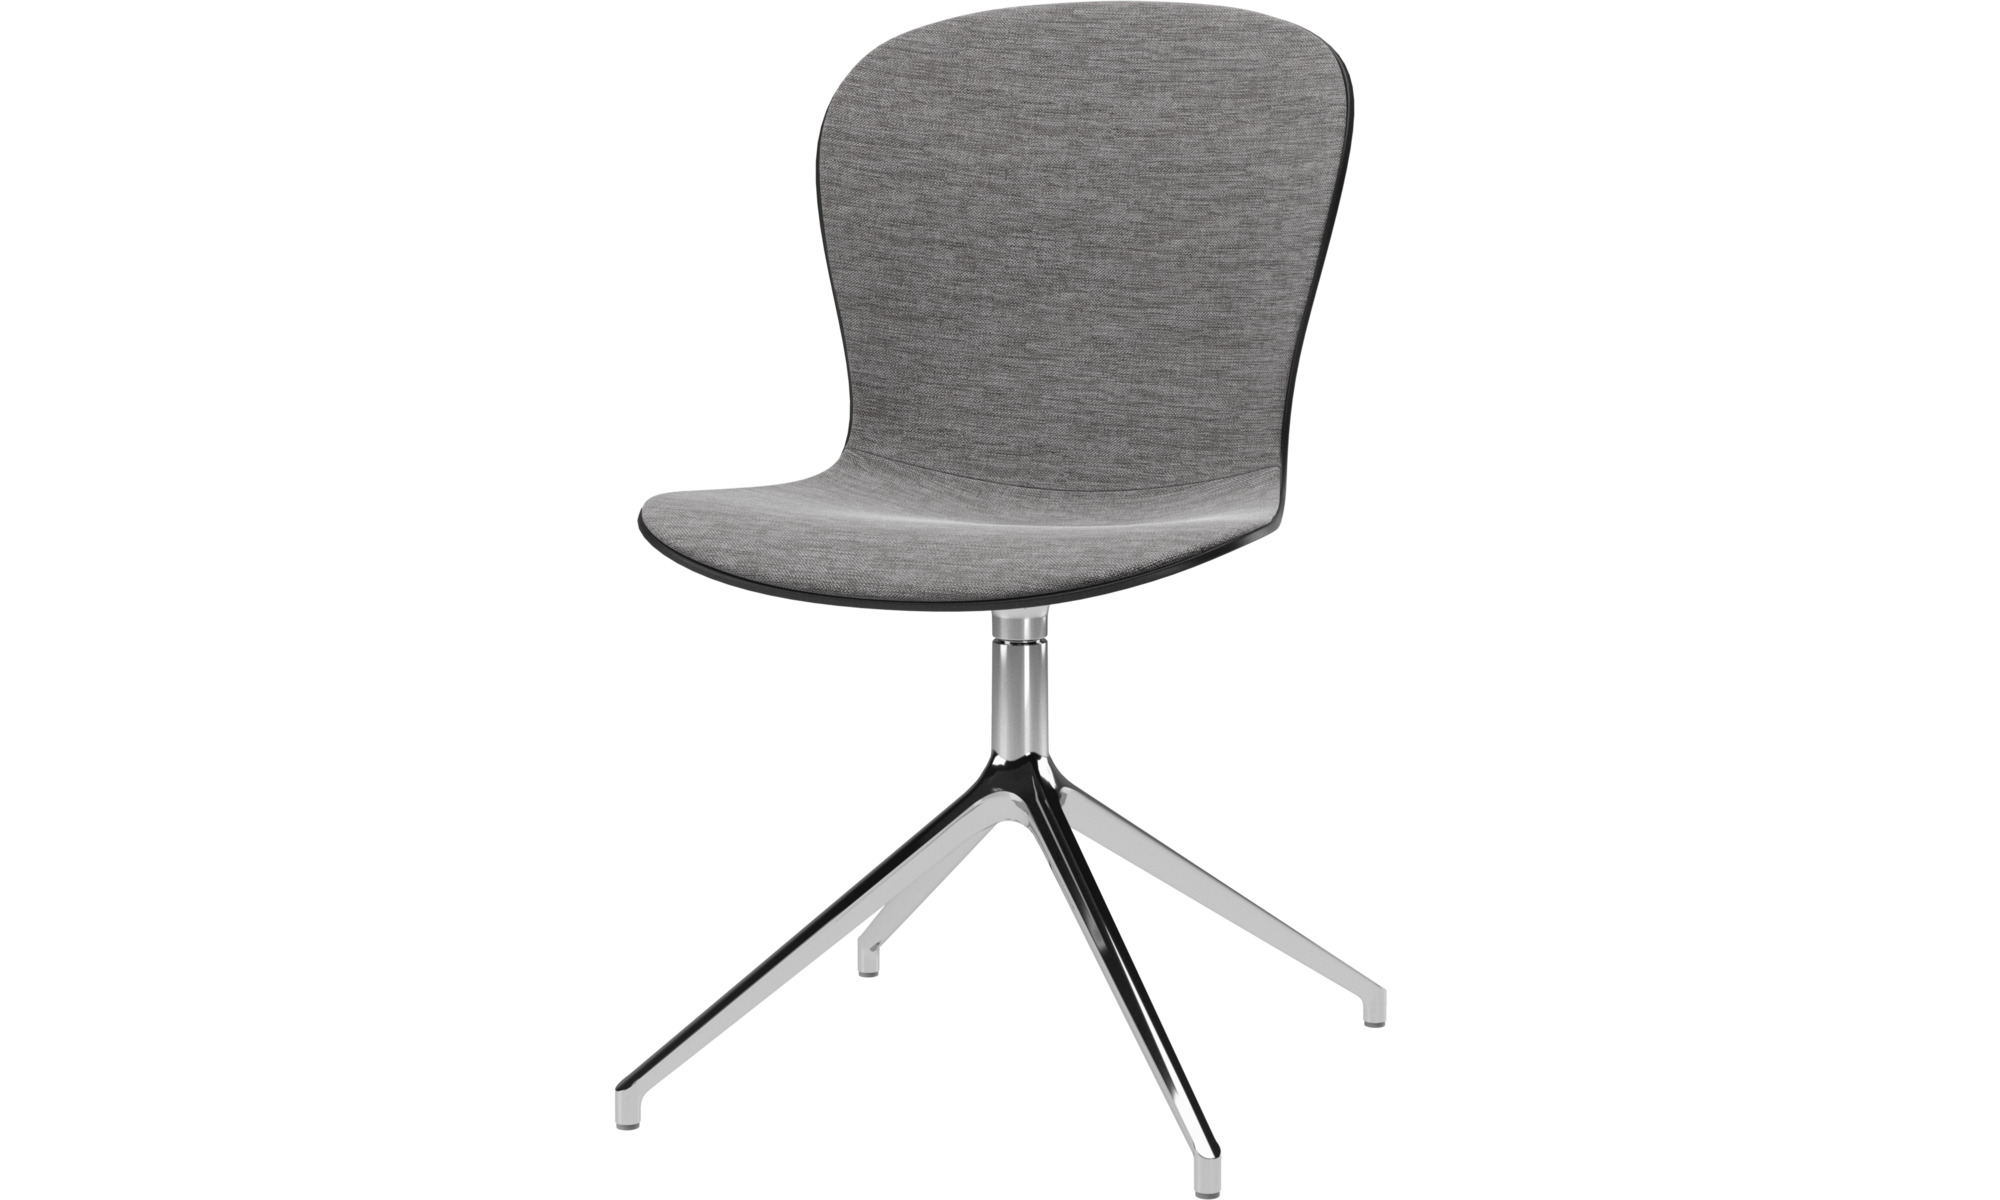 Cadeiras de secretária para Home office - Cadeira Adelaide giratória - Cinza - Tecido